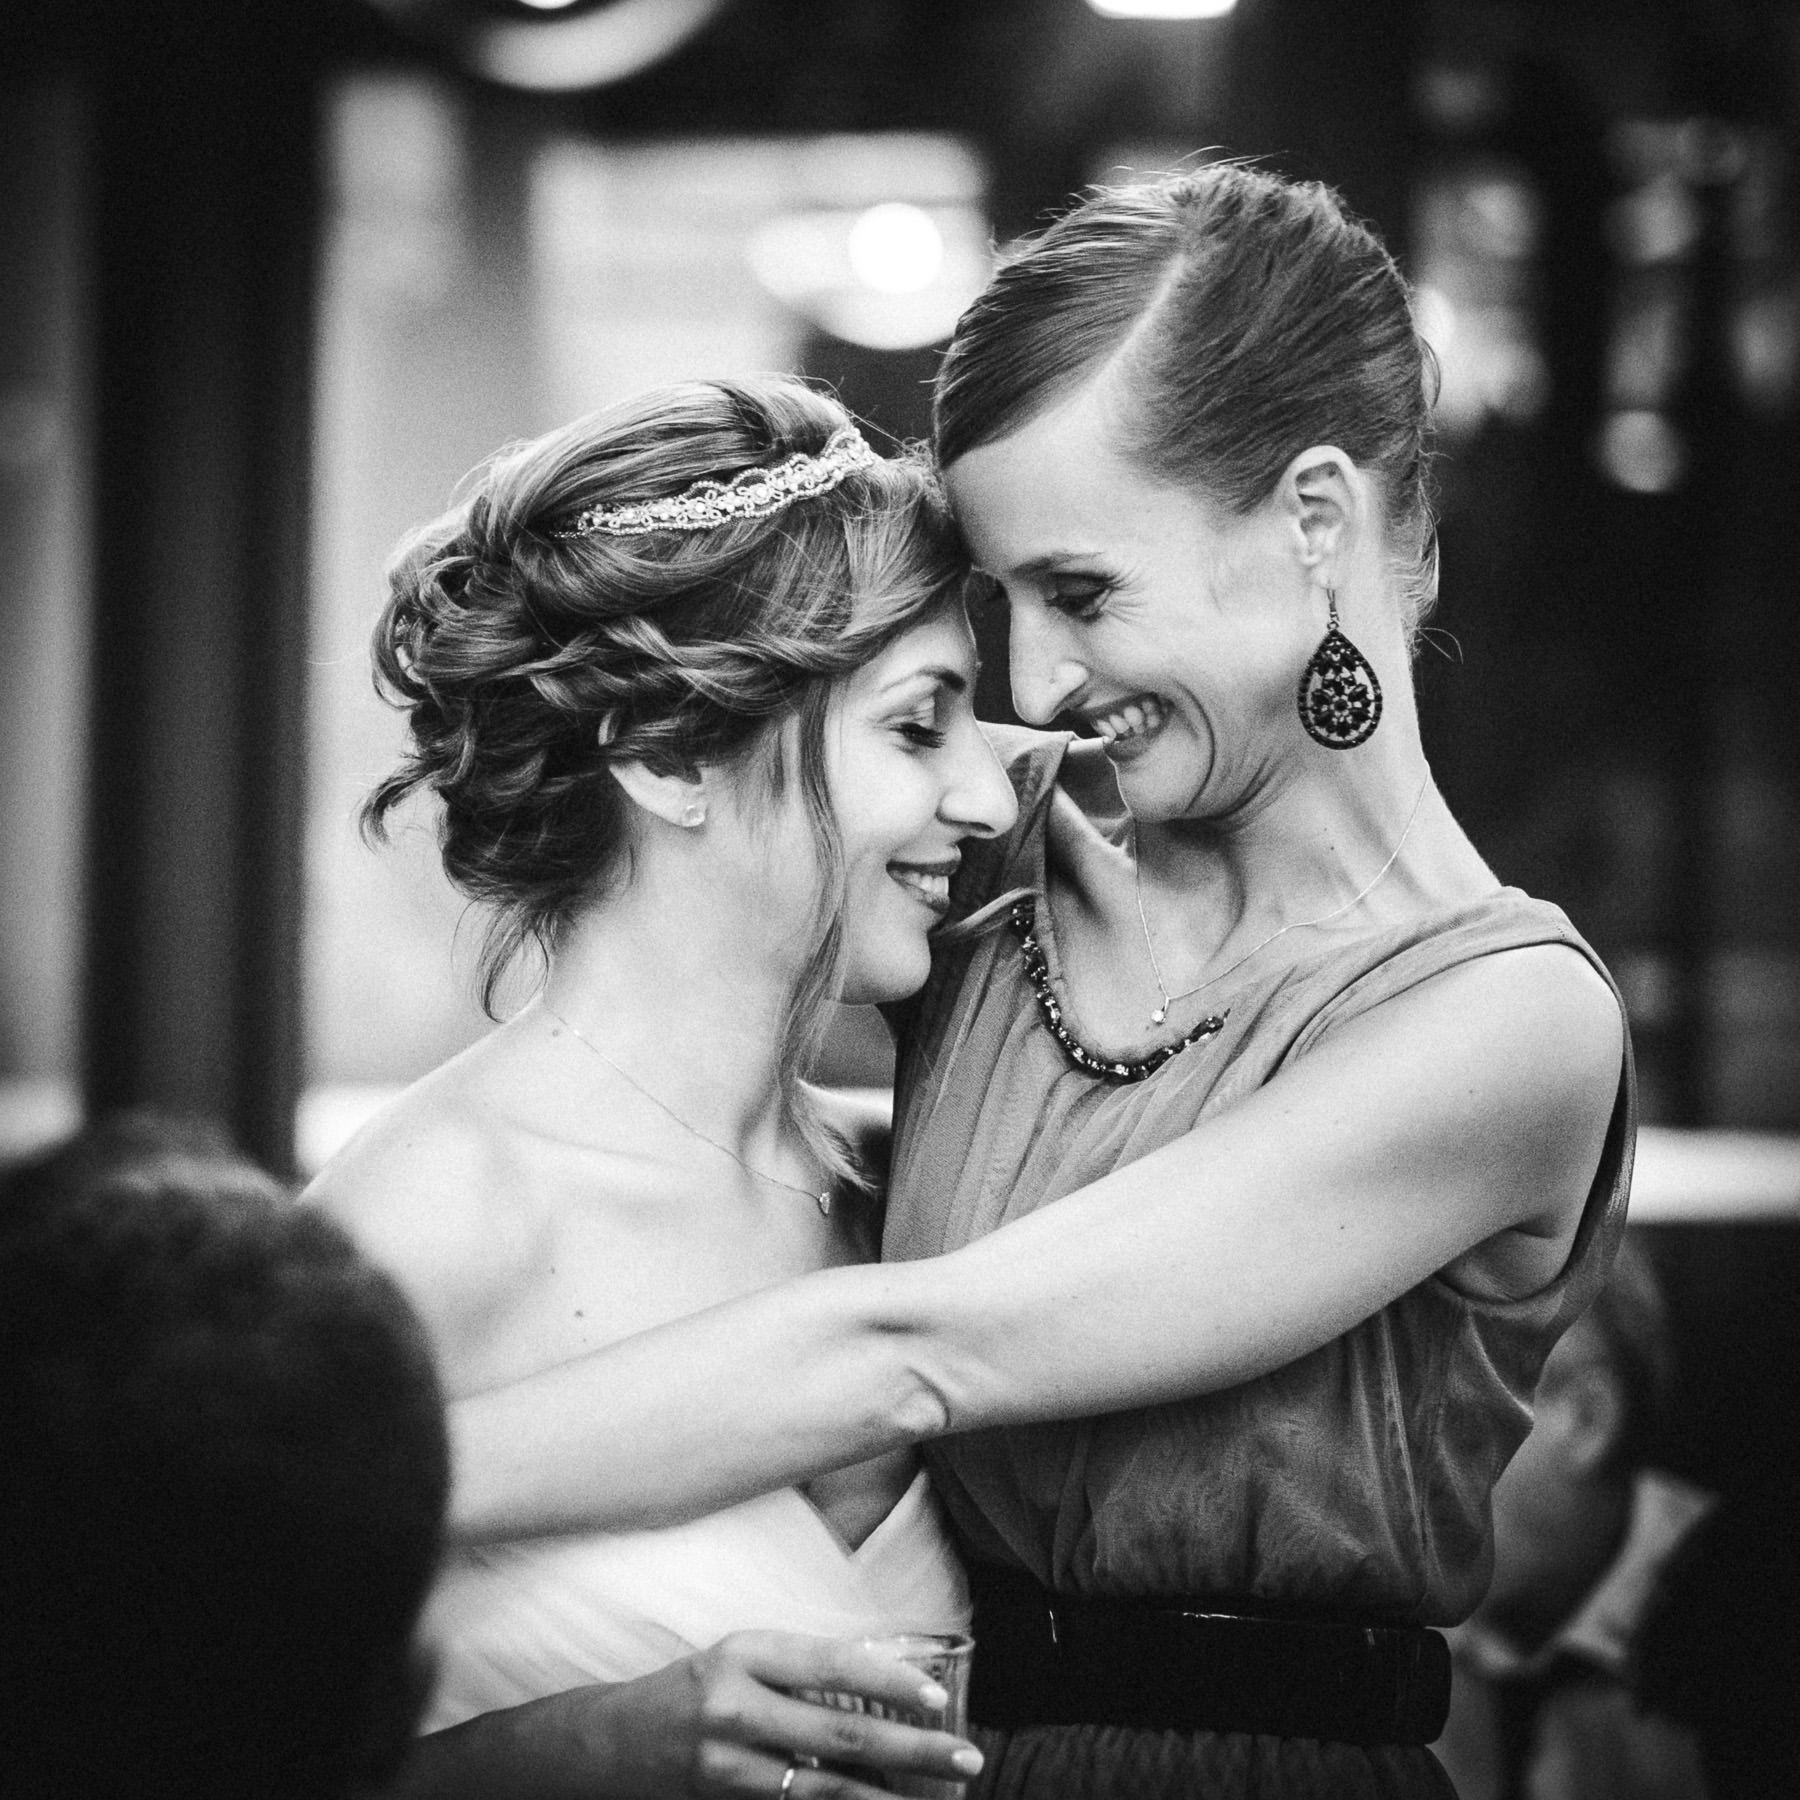 fotografo-matrimonio-monte-gesso-ricevimento-emozioni-francesco-ferrarini